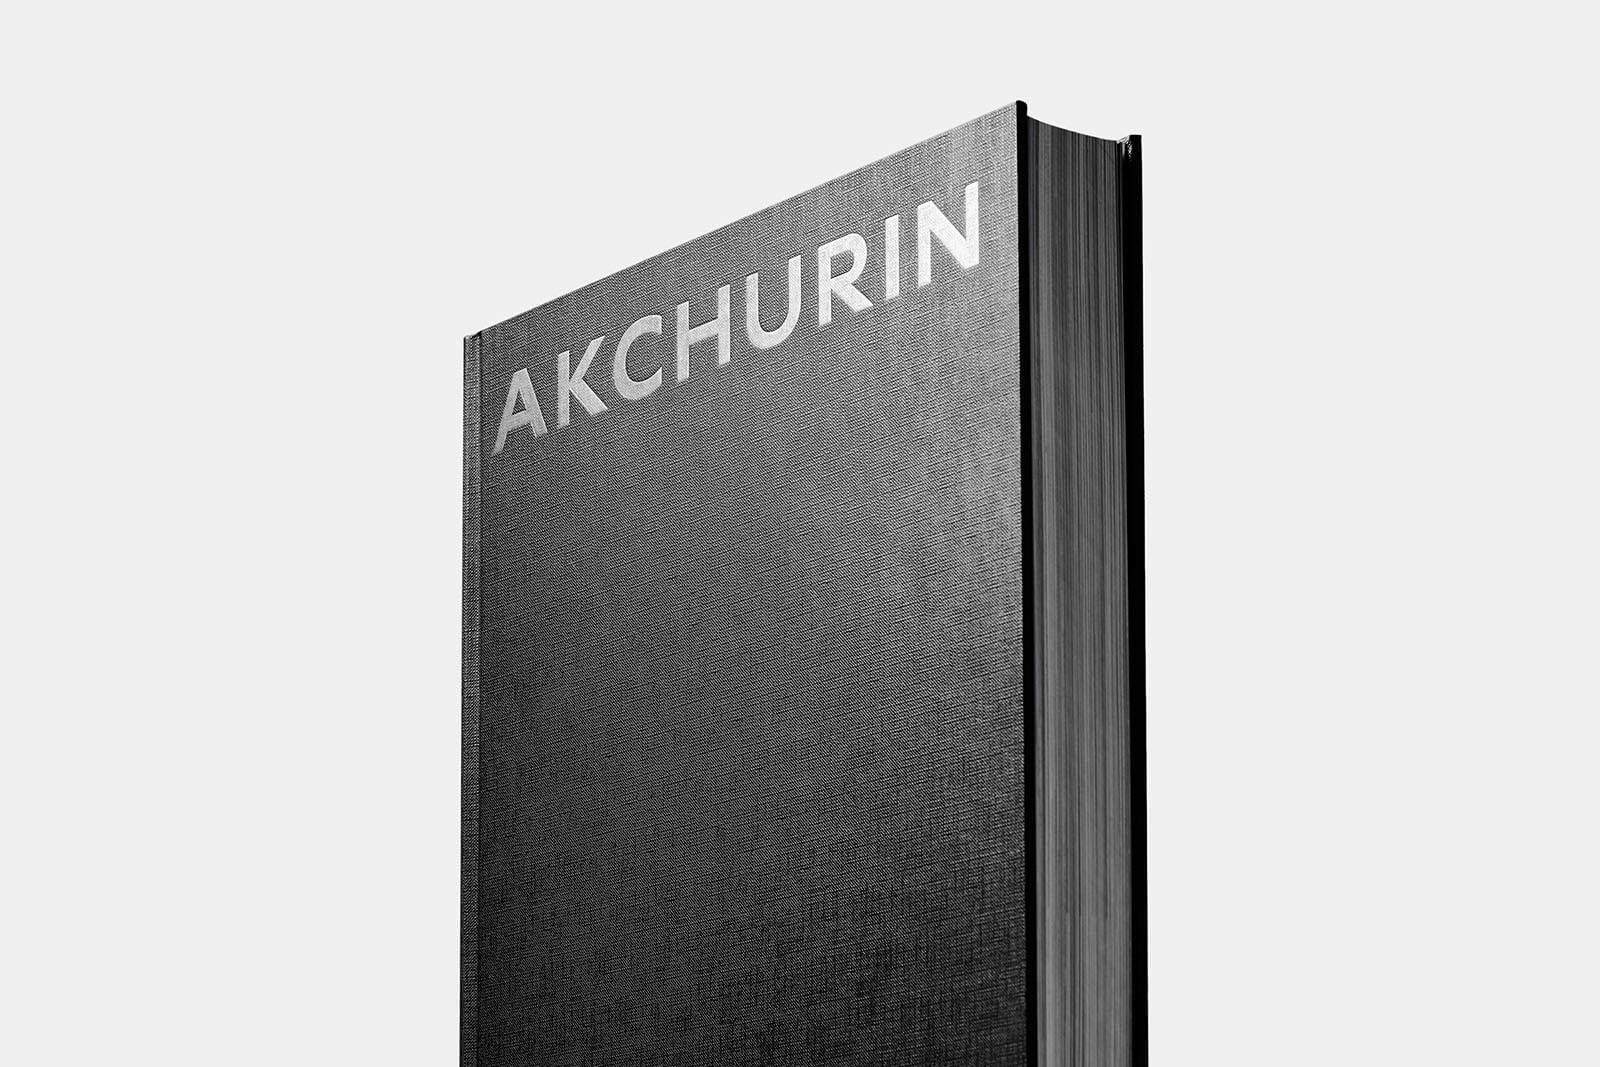 akchurin book 04